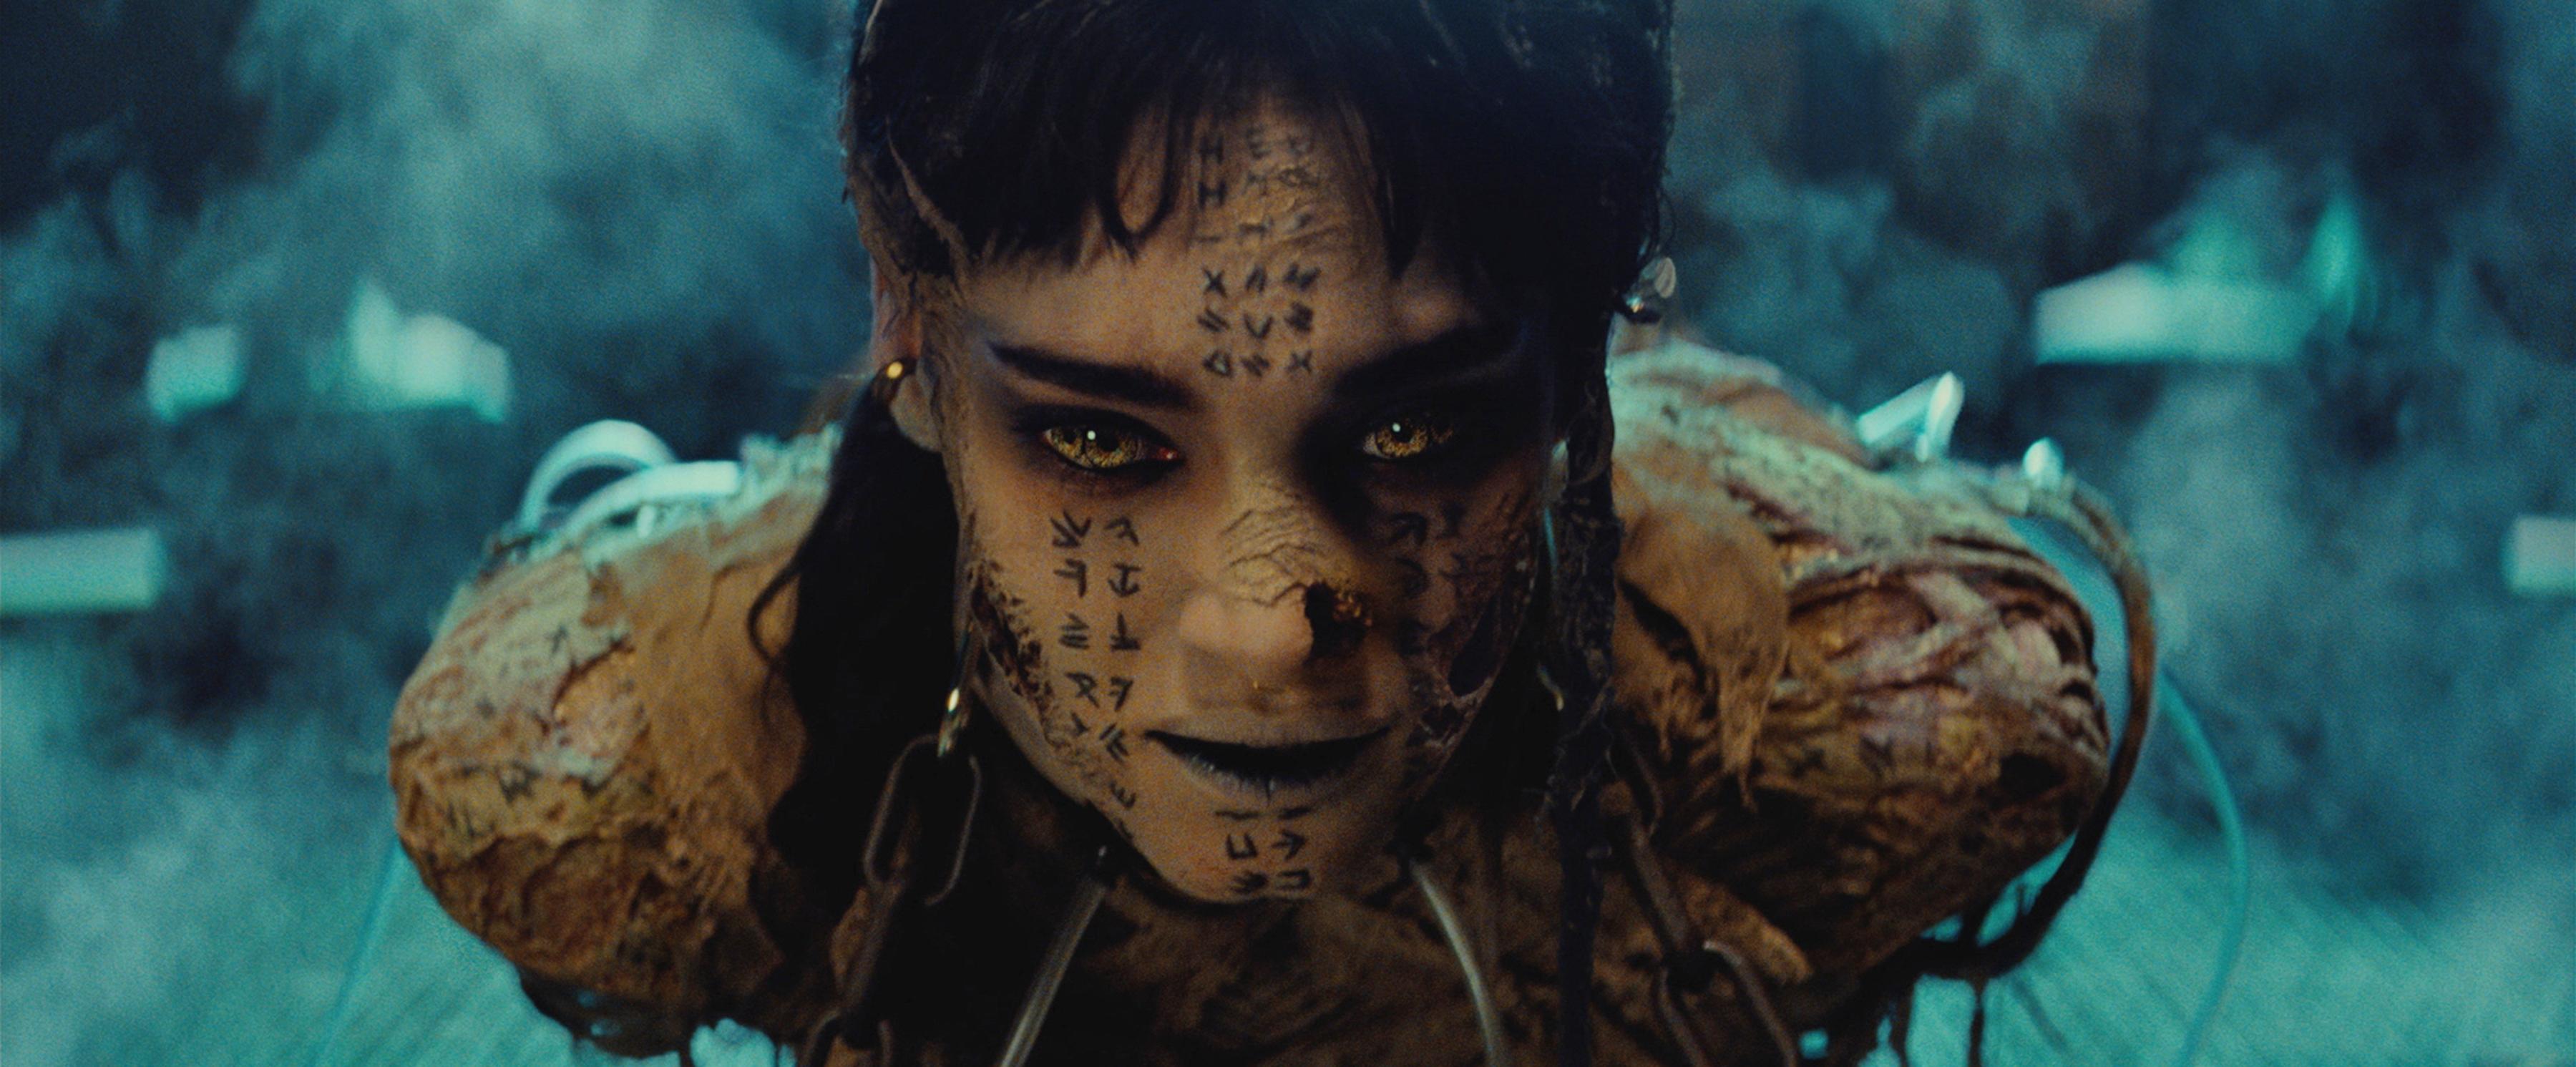 Смотреть мумия 2018 полный фильм в хорошем качестве